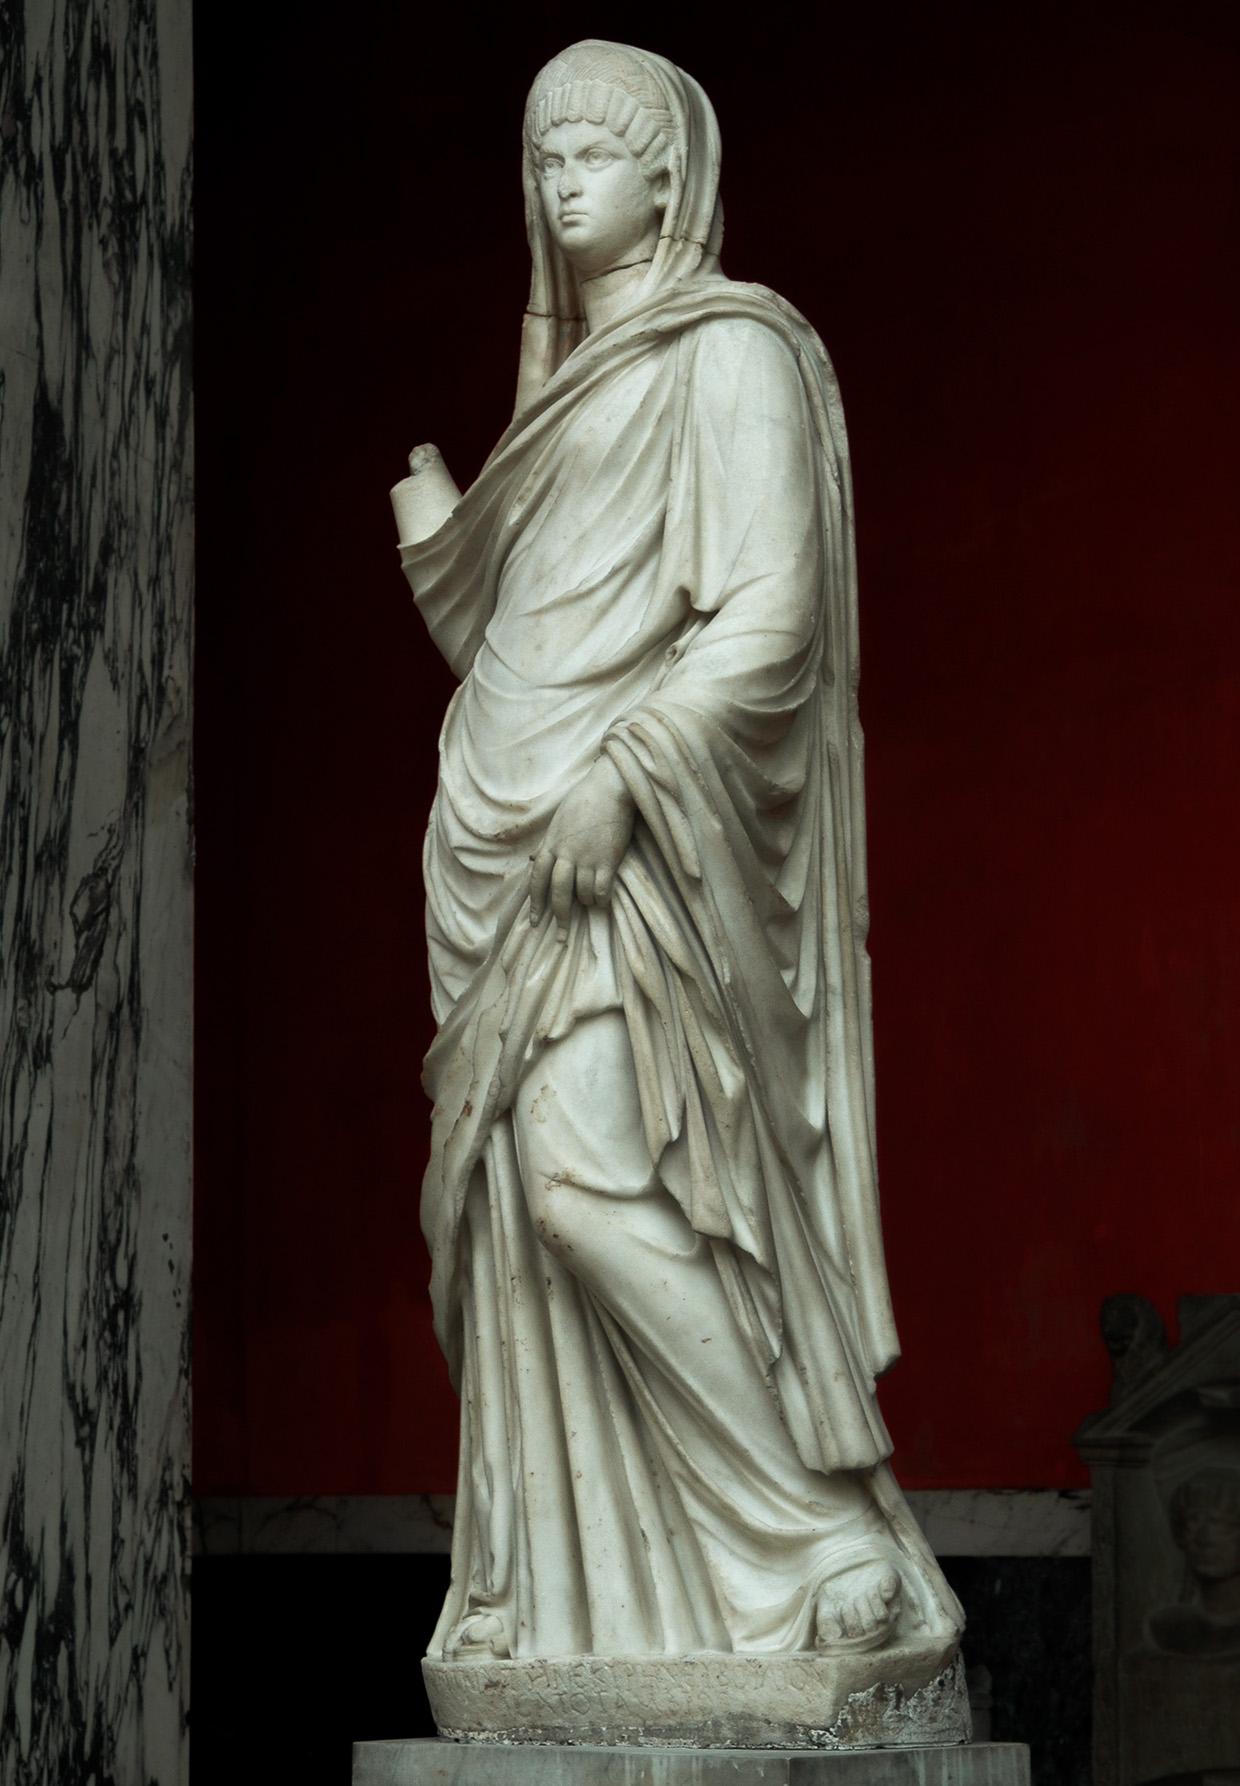 Free Photo Statue Of Roman Art Marble White Free